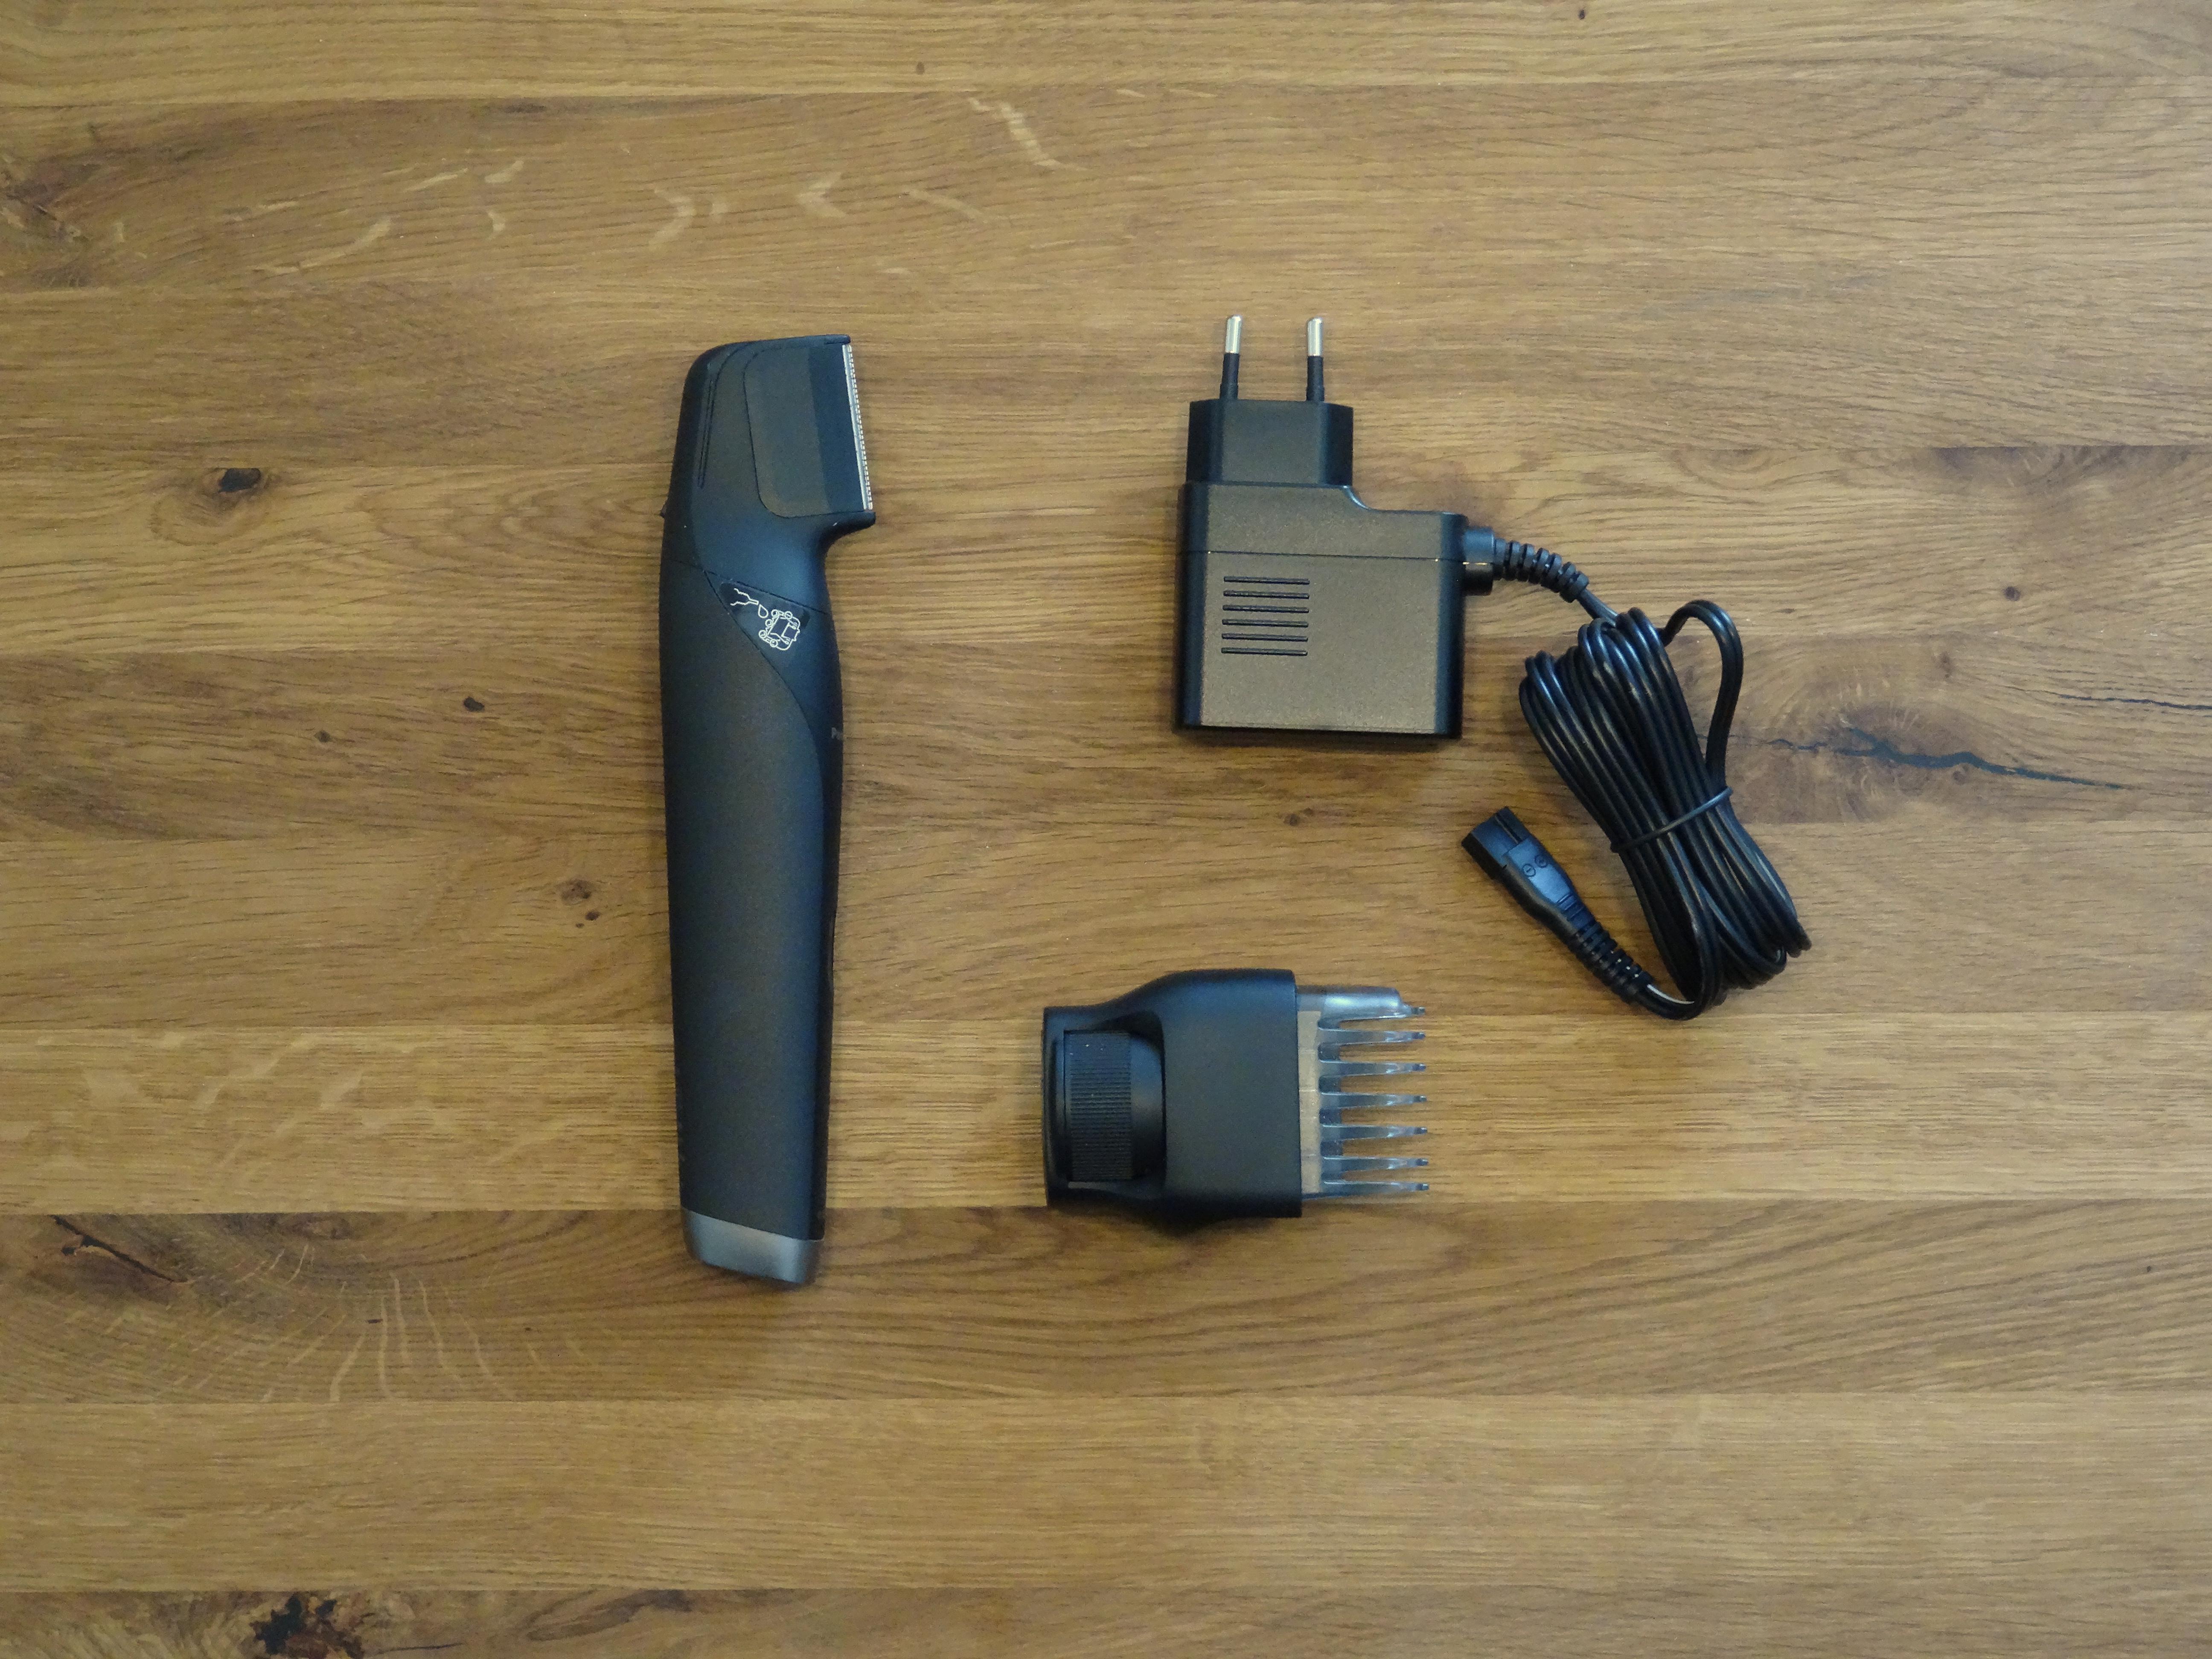 Panasonic ER-GD51-K503 i-Shaper